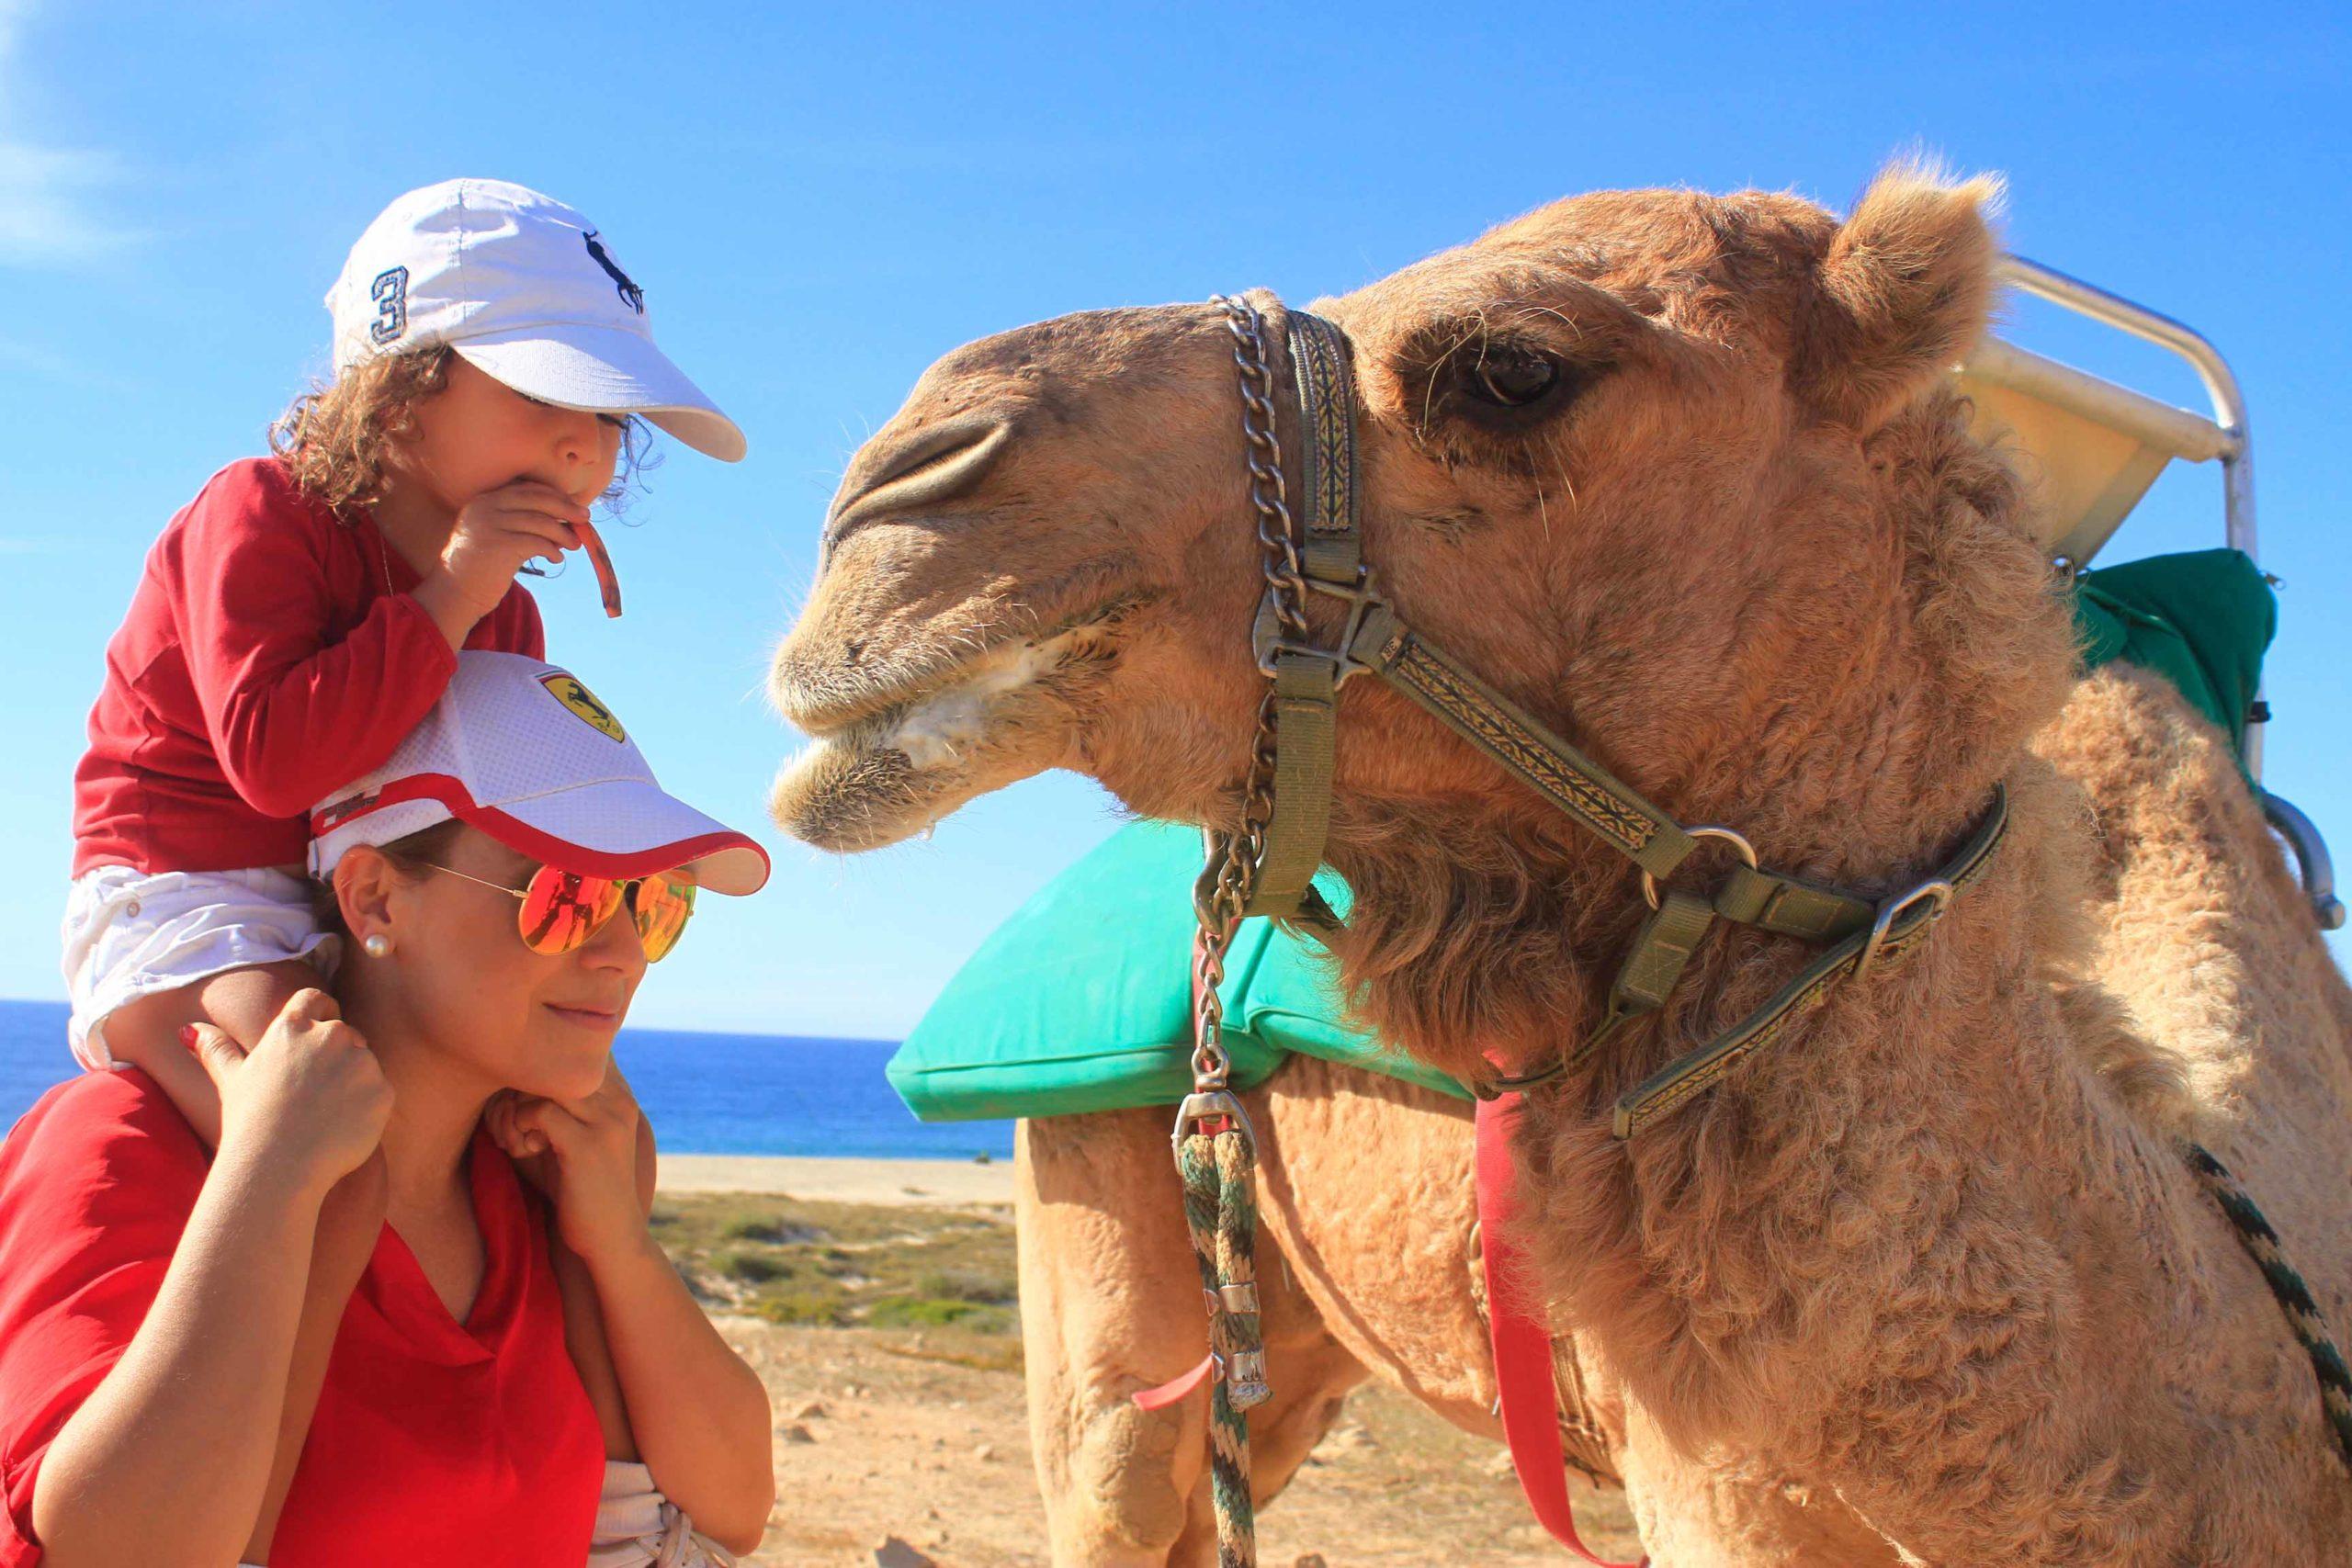 Los Cabos Camel Ride 1